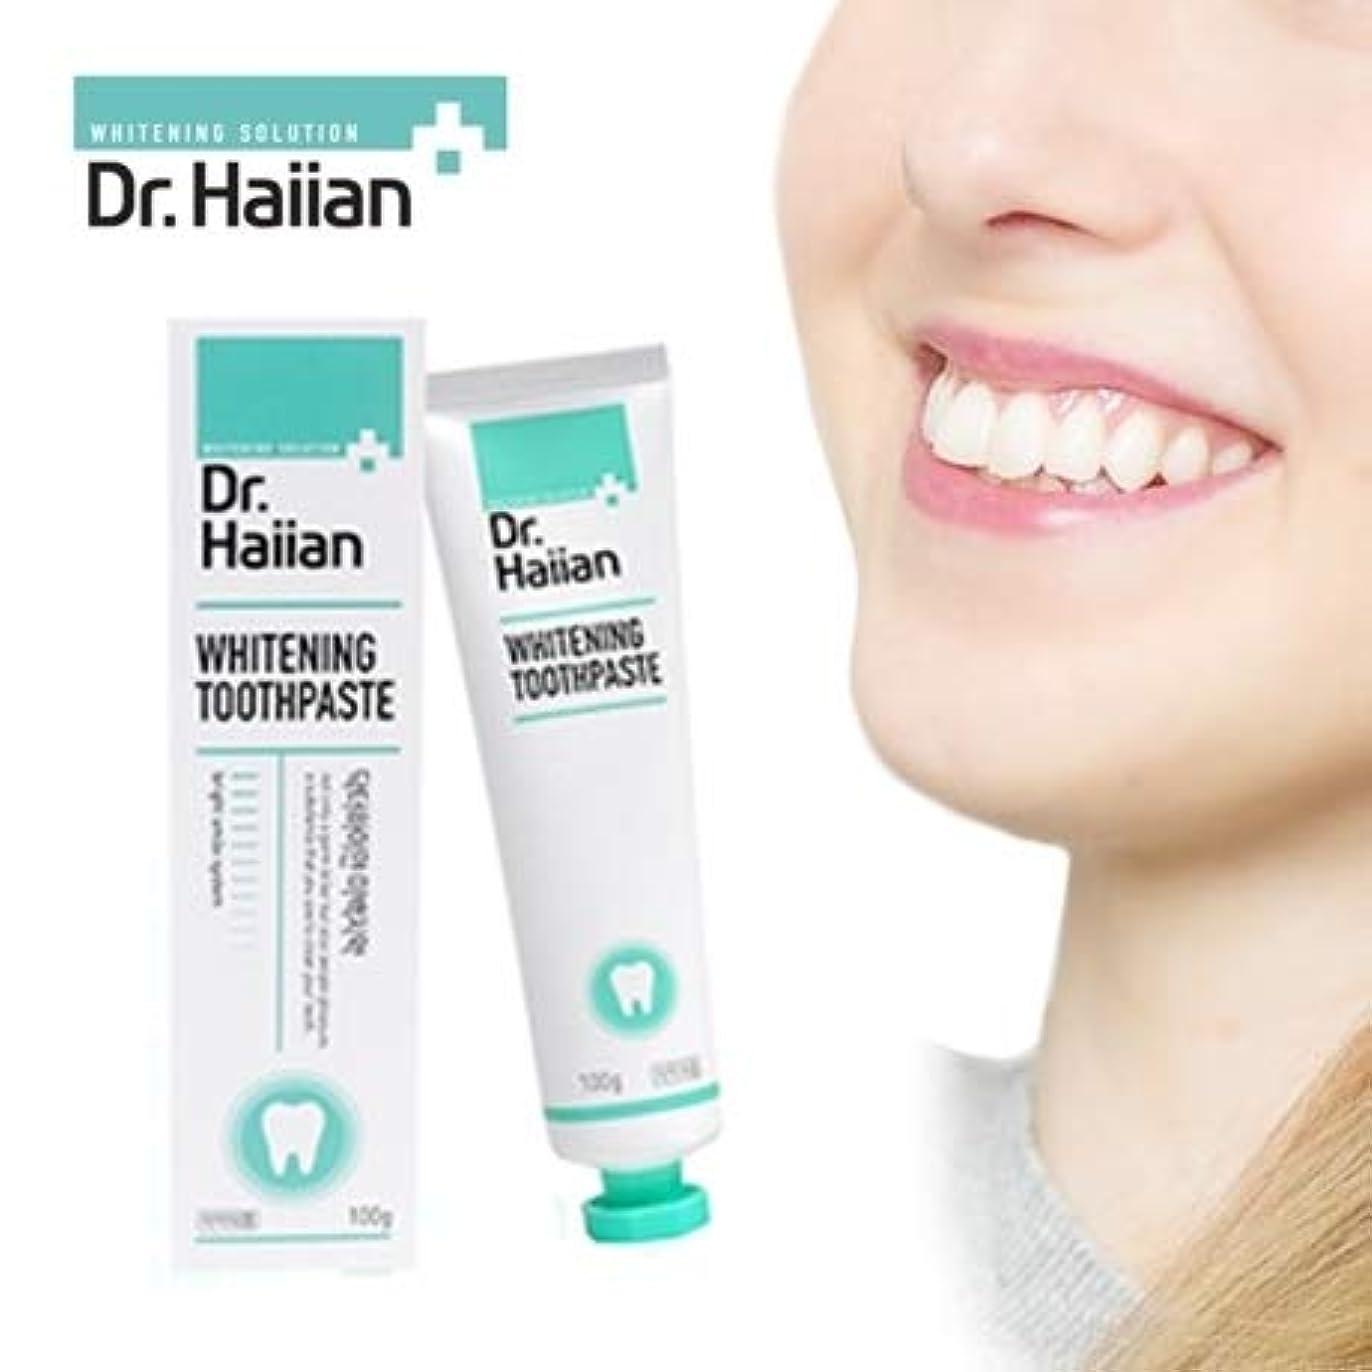 モットー従順不満Dr.Haiian WHITENING TOOTHPASTE ホワイトニング歯磨き粉 100g